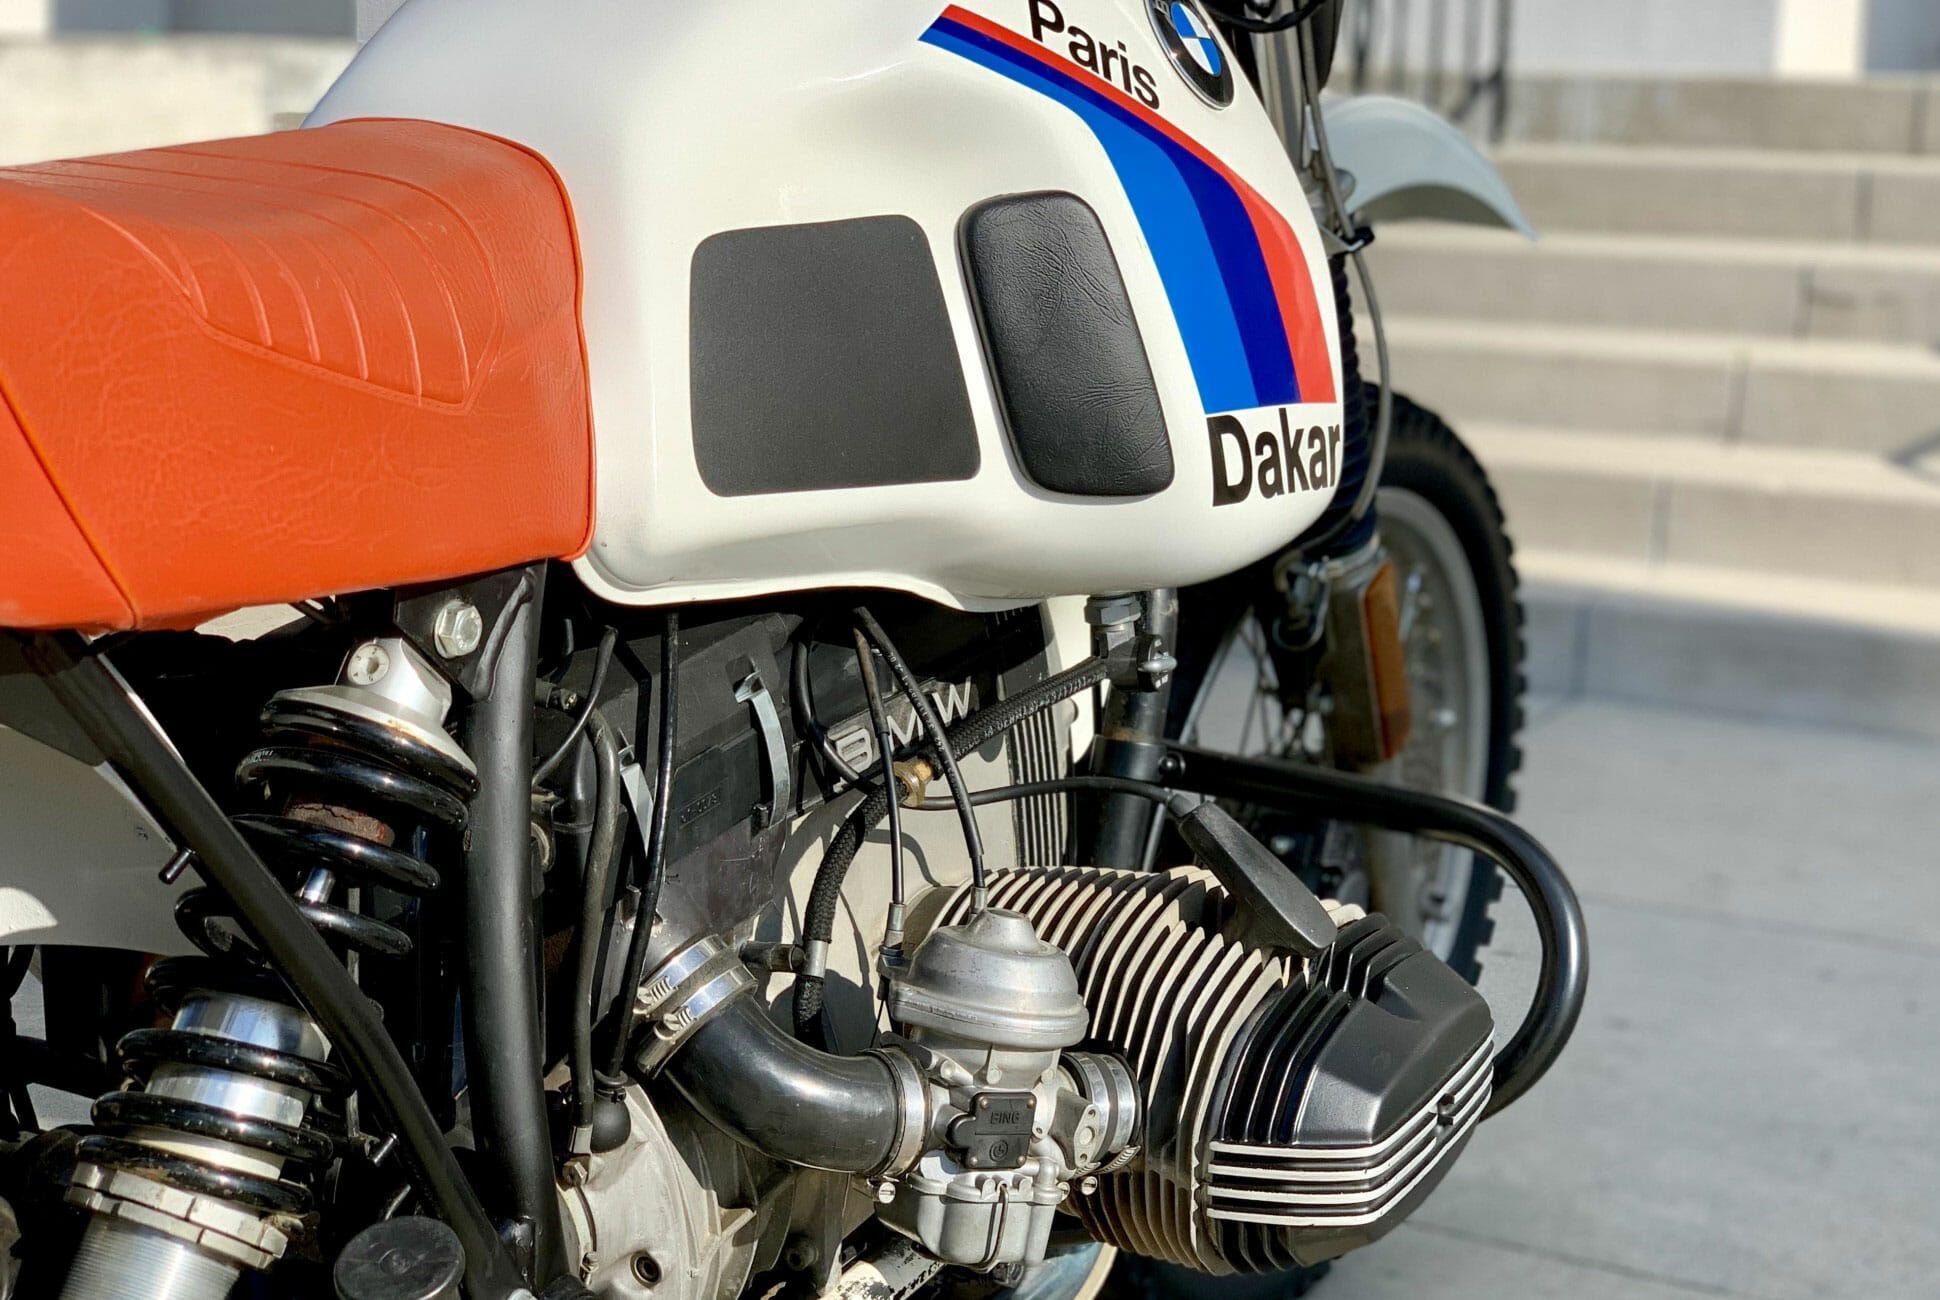 1981-BMW-R80G-Dakar-Gear-Patrol-slide-5